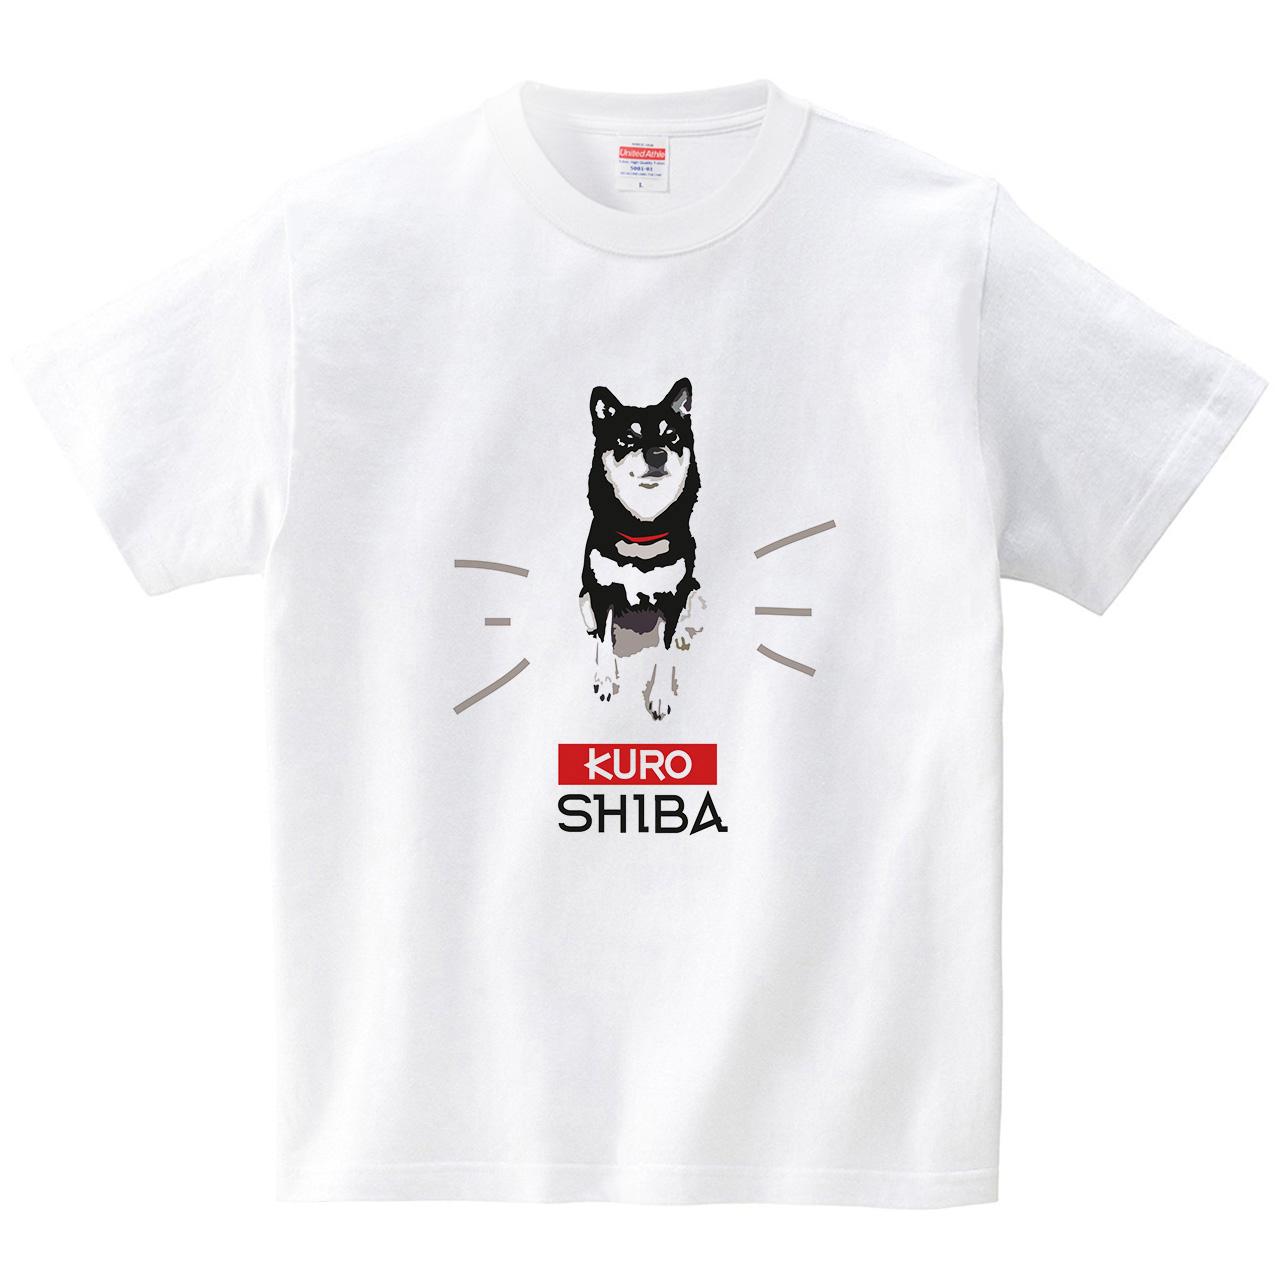 ご満悦黒柴犬(Tシャツ・ホワイト)(funny cafe)